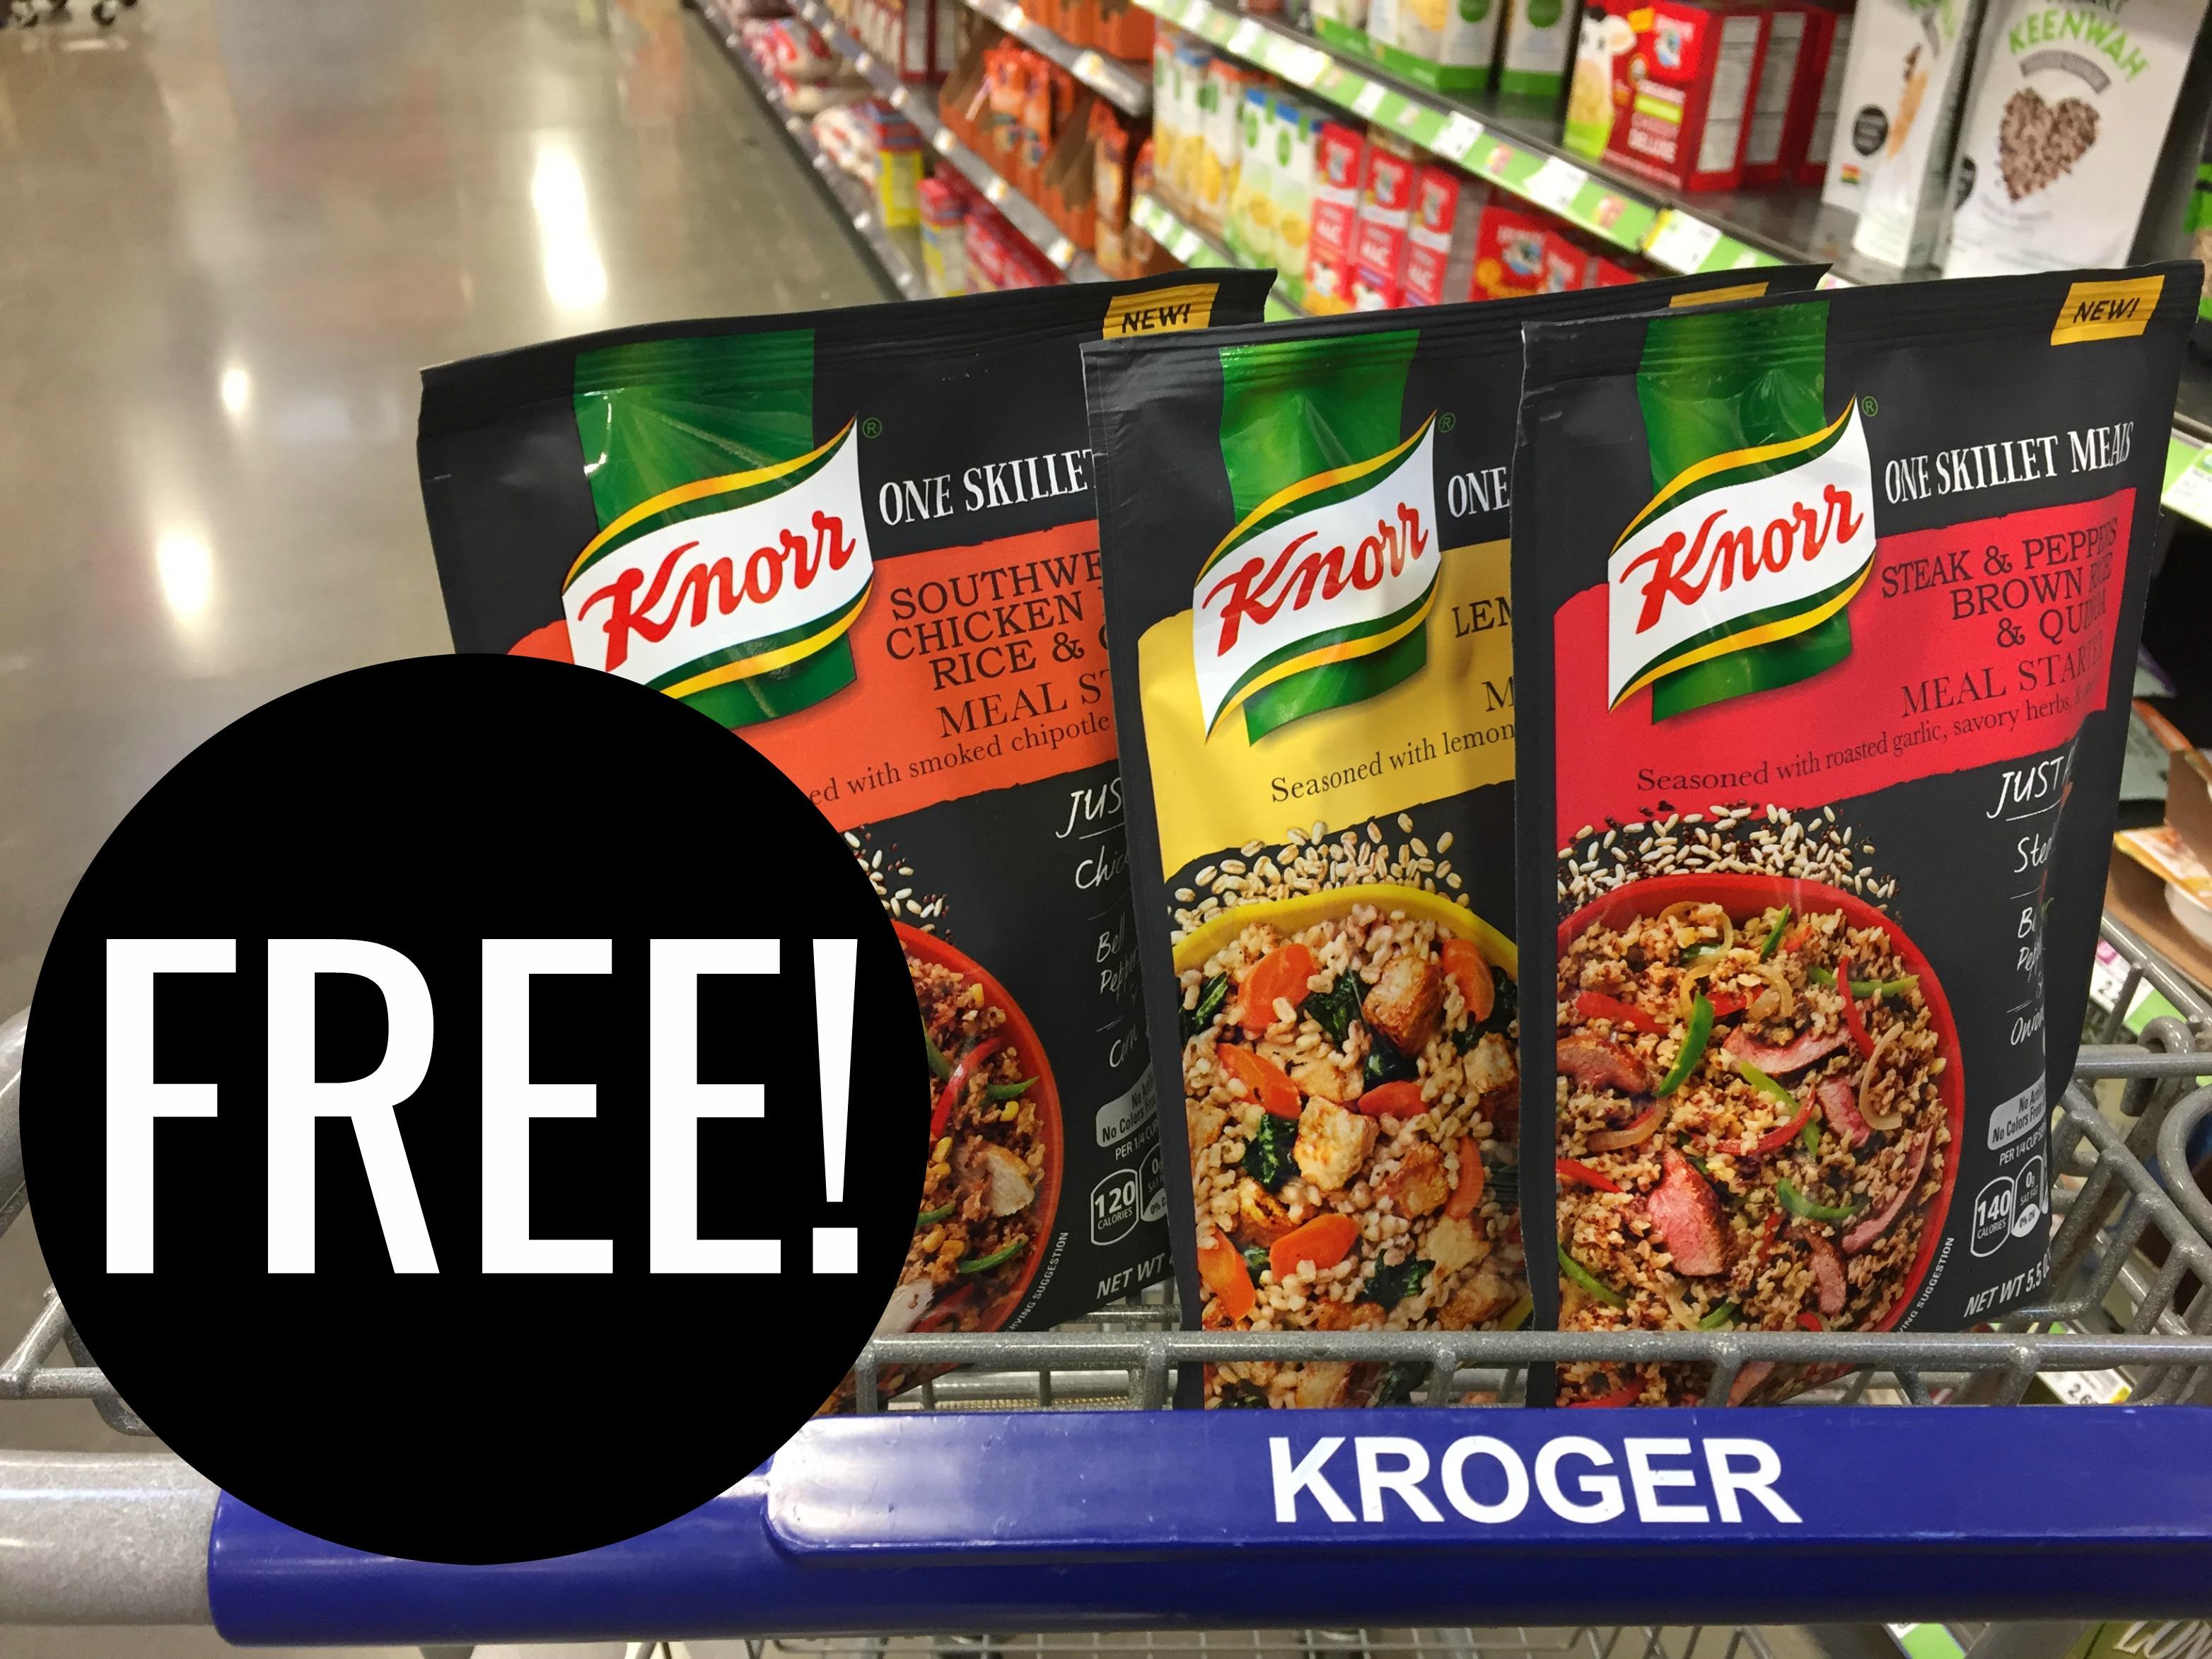 Get Your Free Knorr One Skillet Meals Pouch At Kroger Kroger Krazy